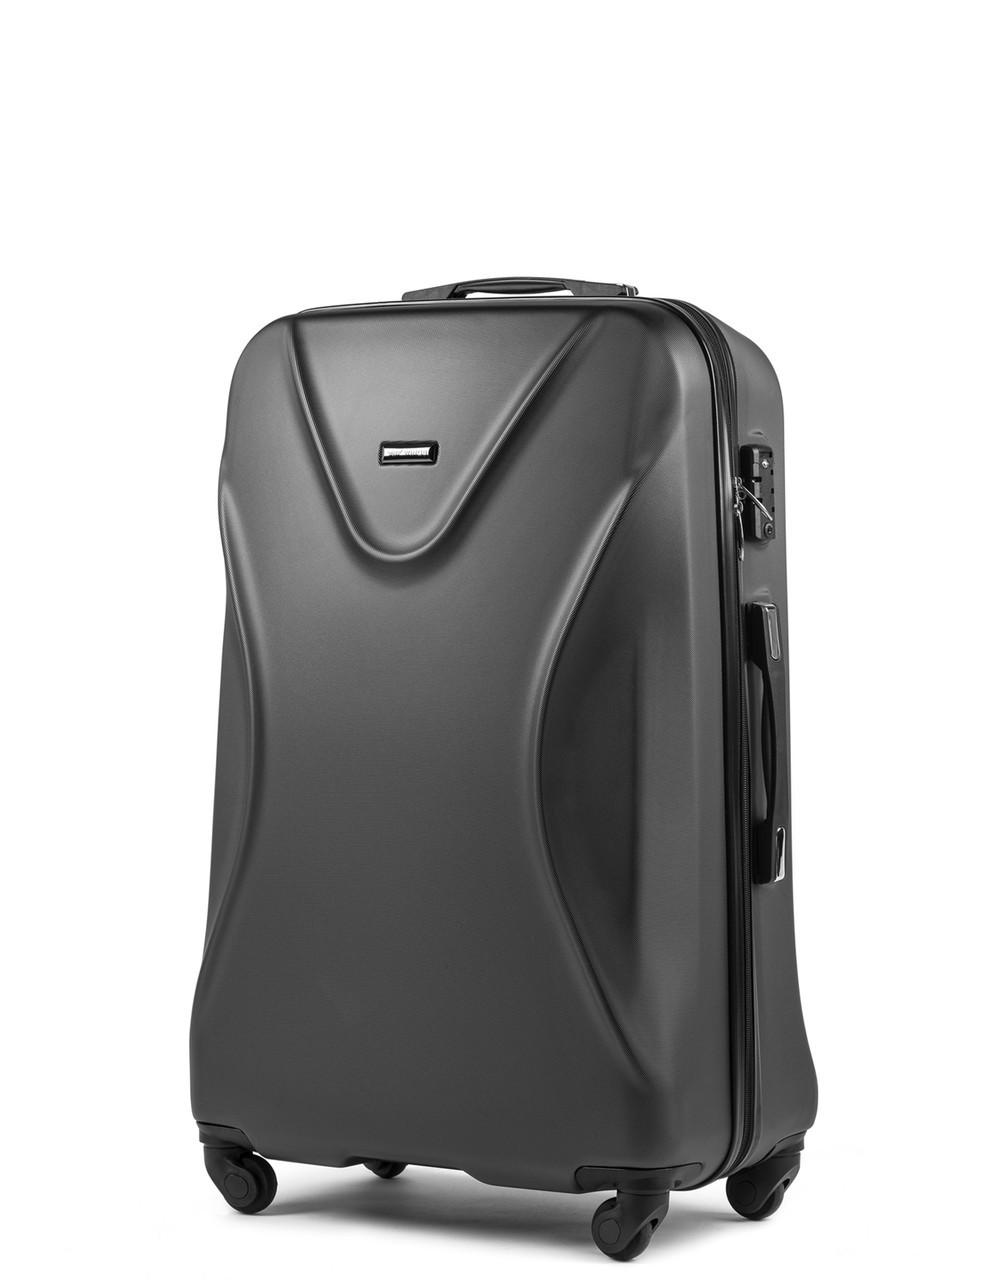 Большой пластиковый чемодан Wings 518 на 4 колесах серый